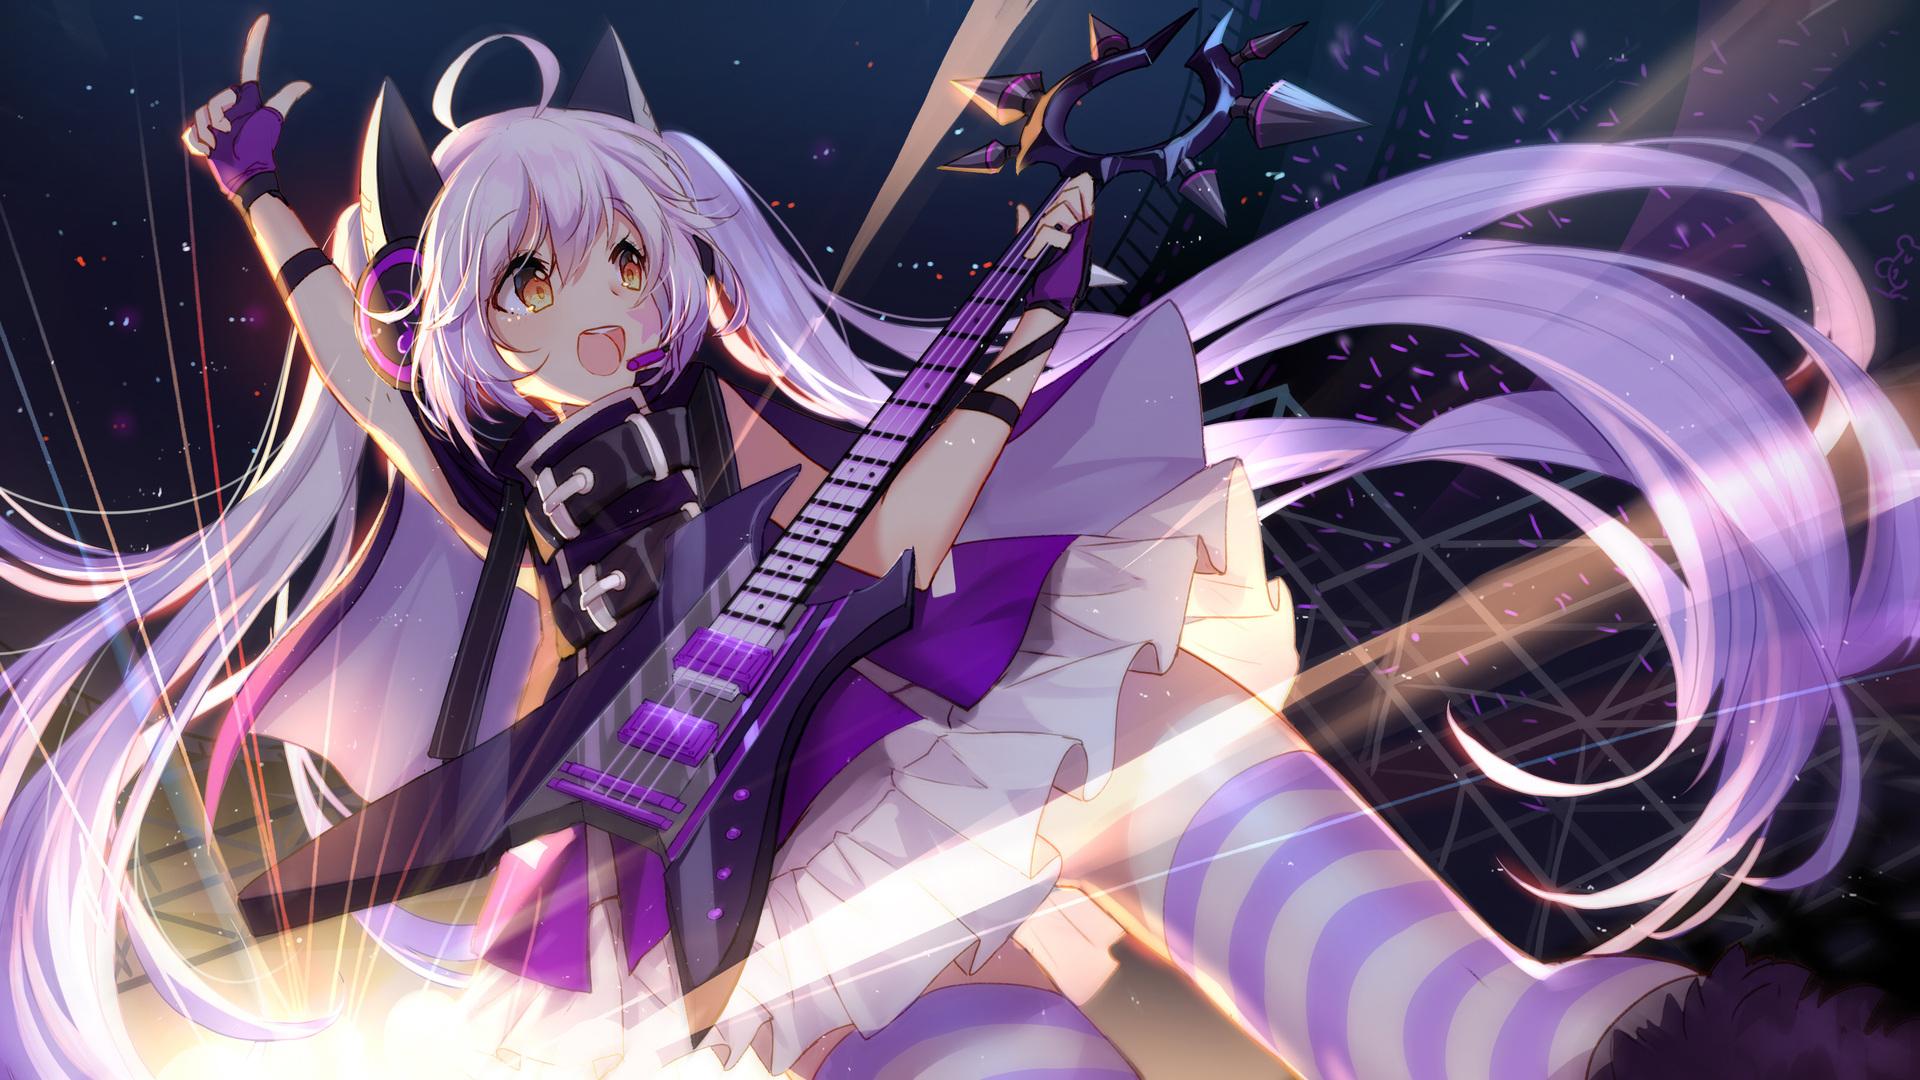 1920x1080 Anime Girl Concert 4k Laptop Full HD 1080P HD 4k ...